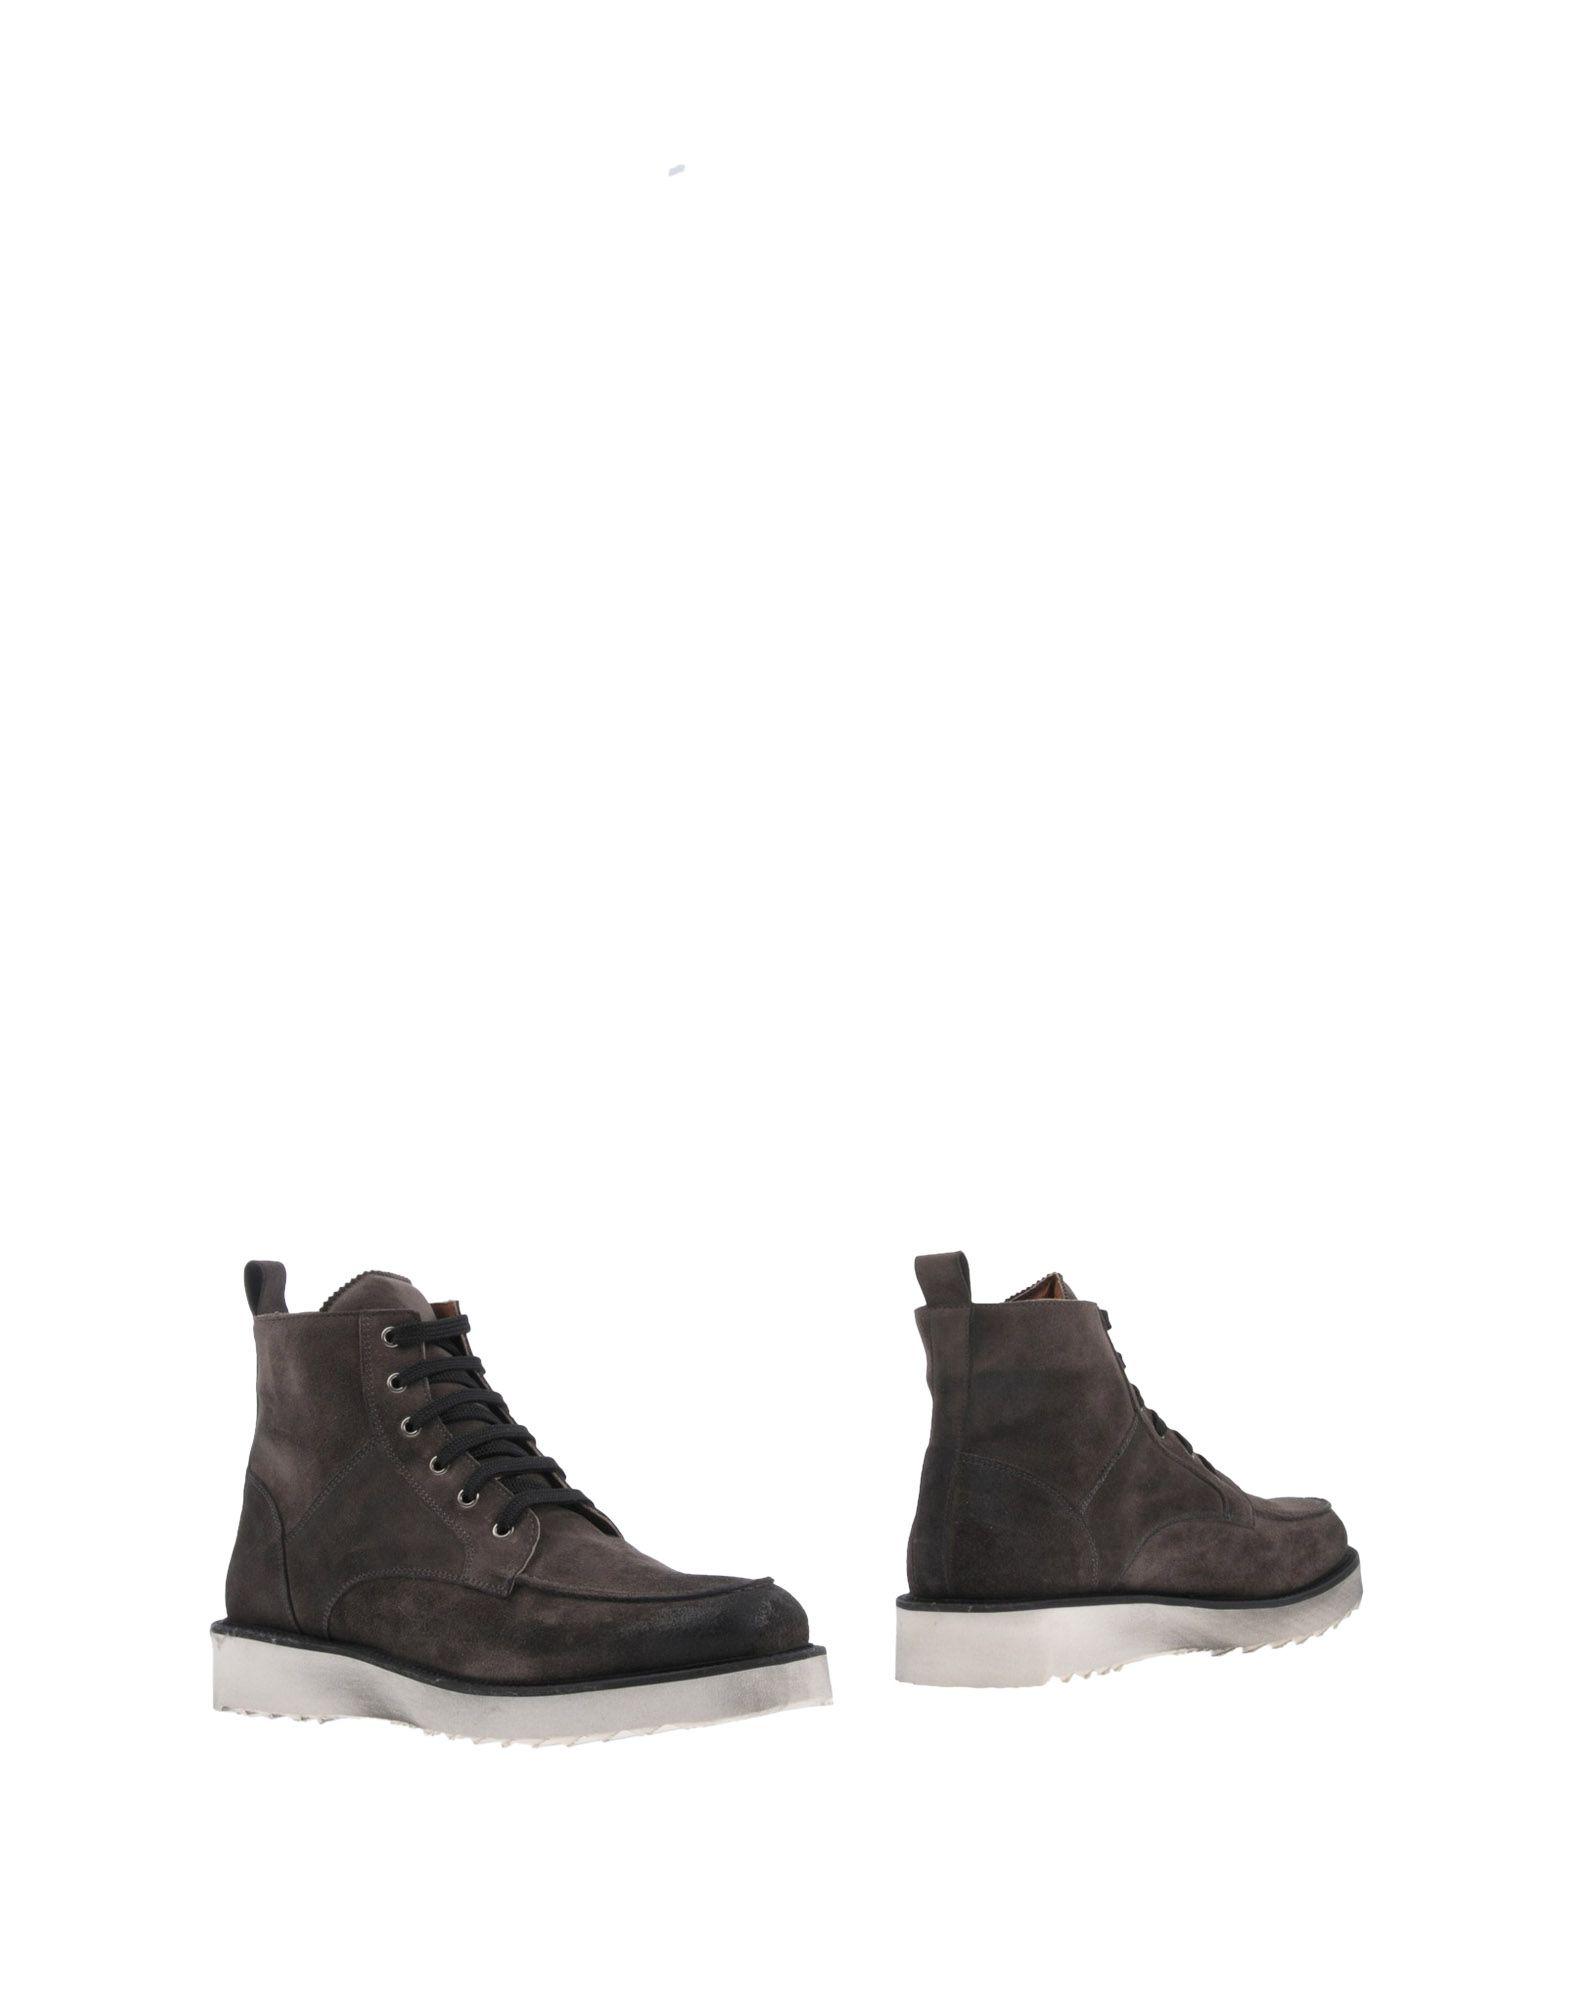 Stivaletti Pantofola Doro Uomo - Acquista online su